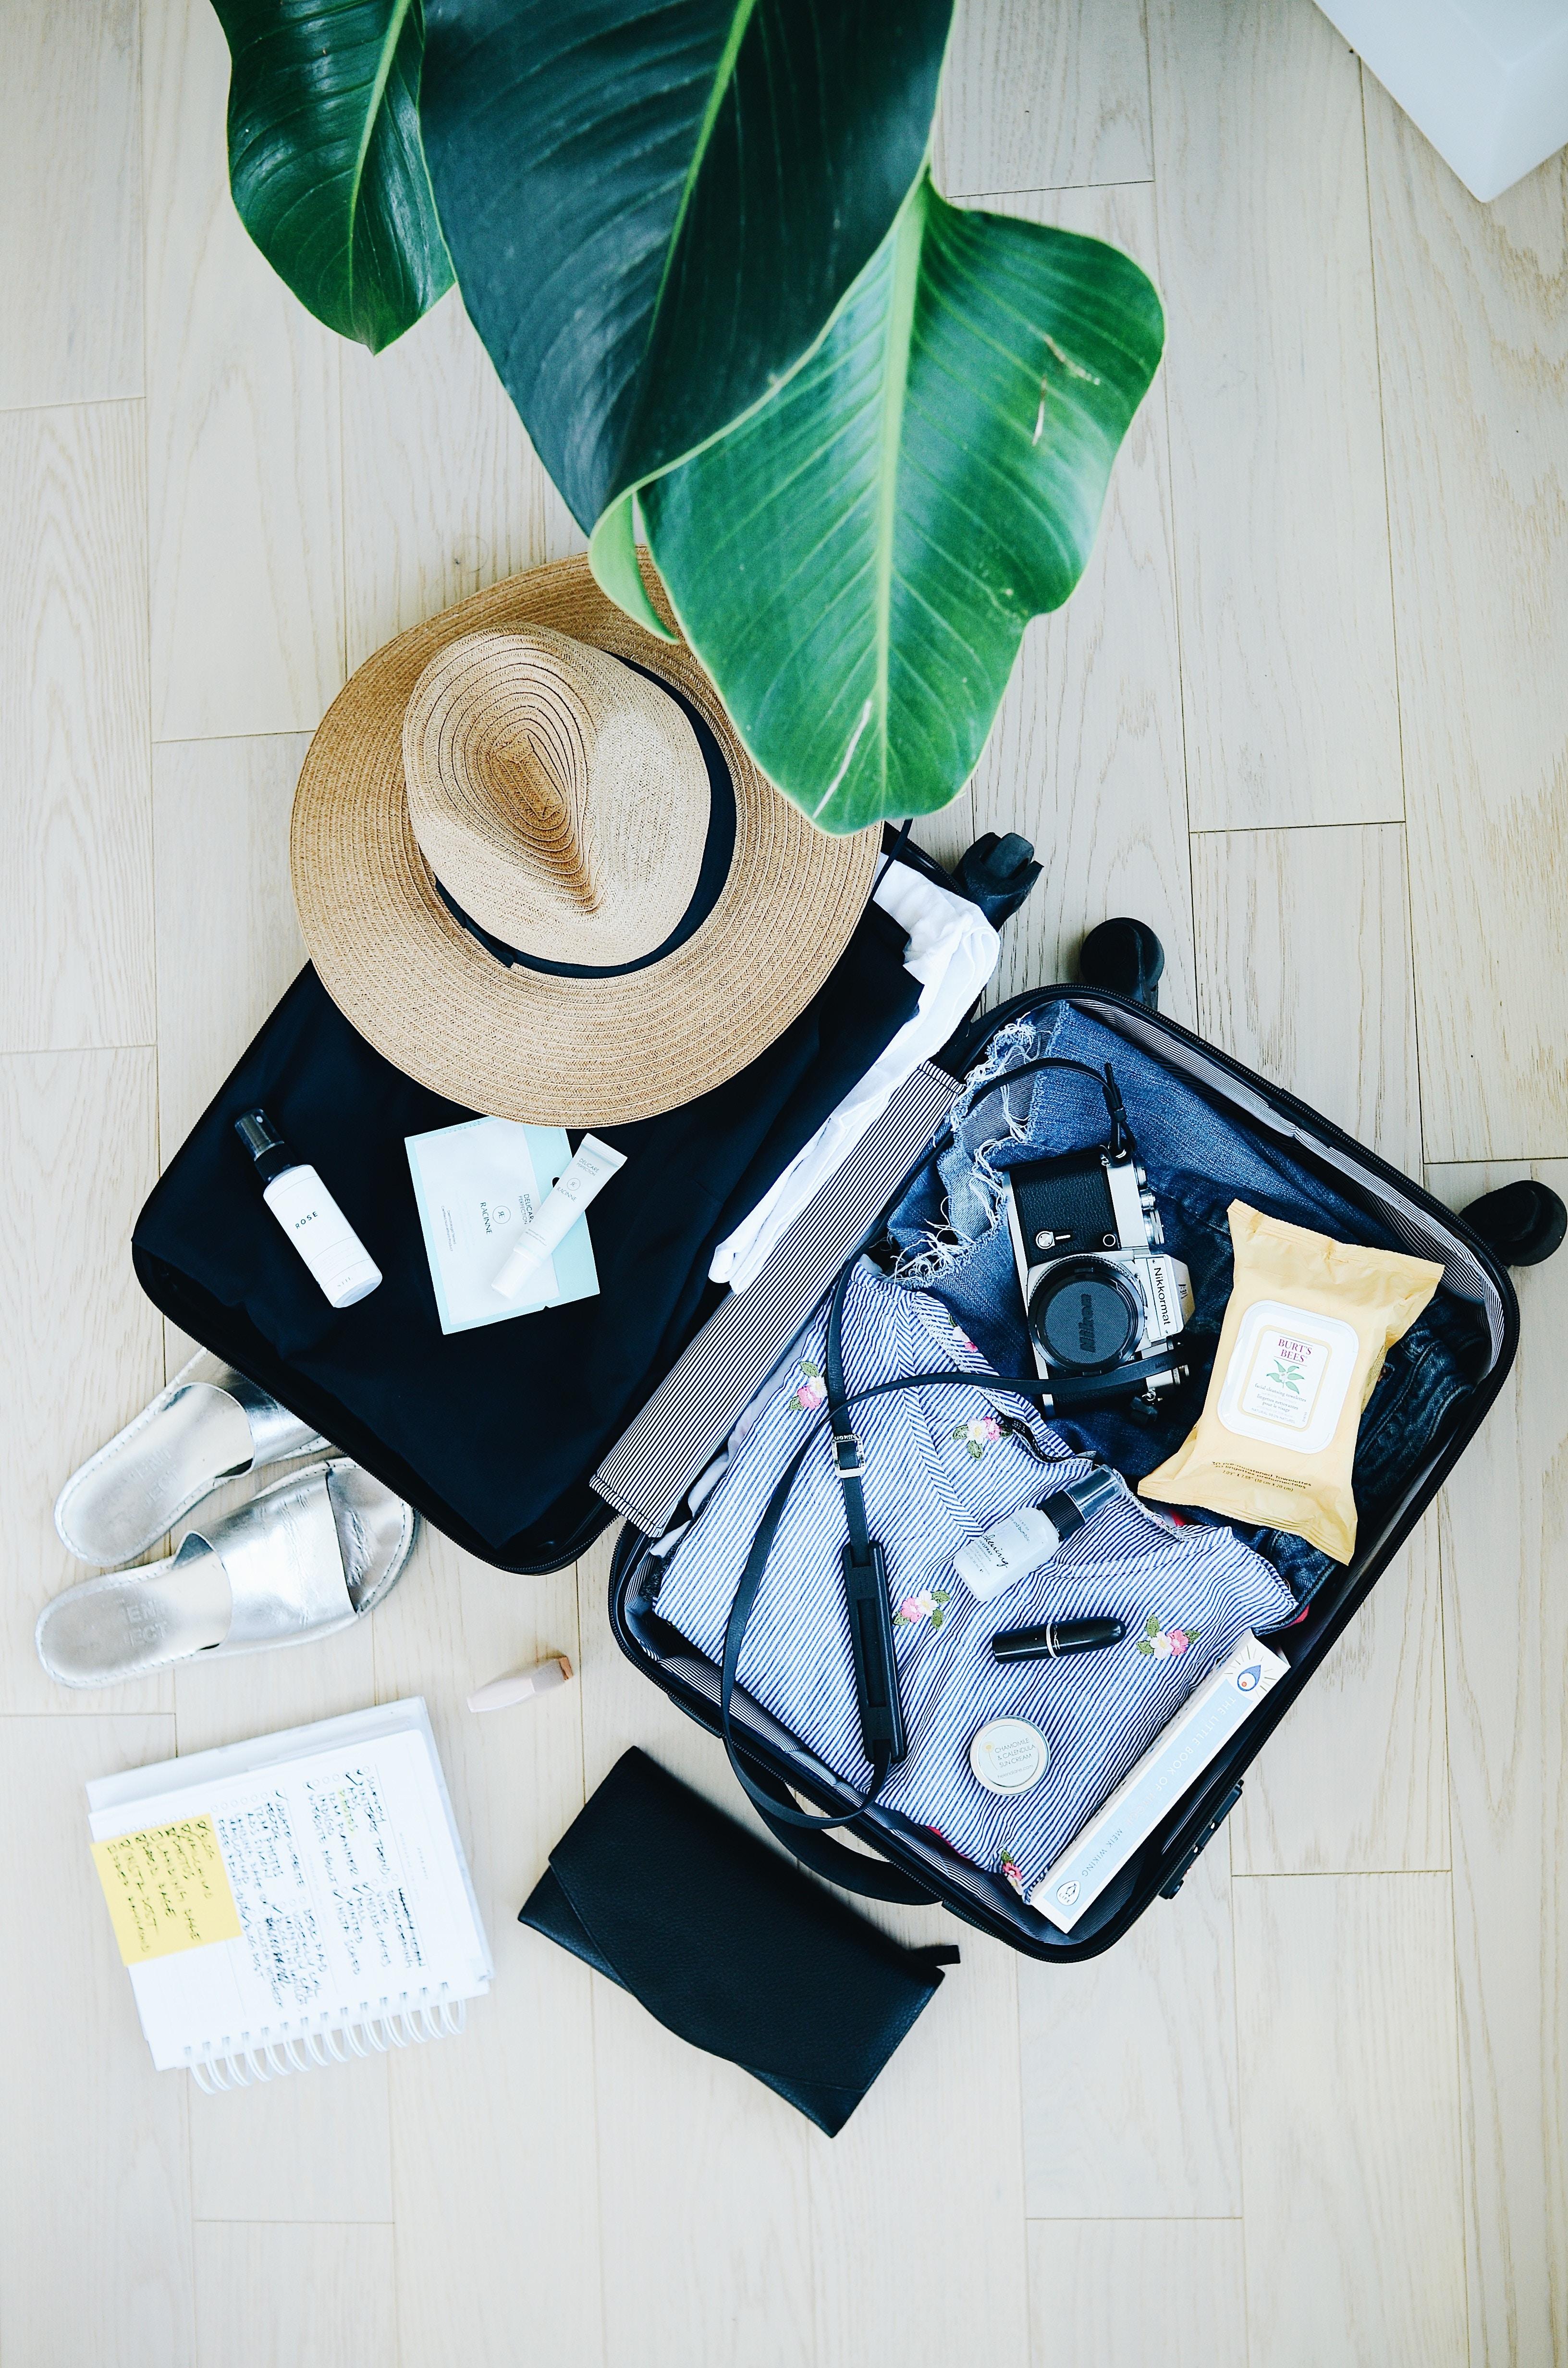 packing for a press trip littlegreenshed